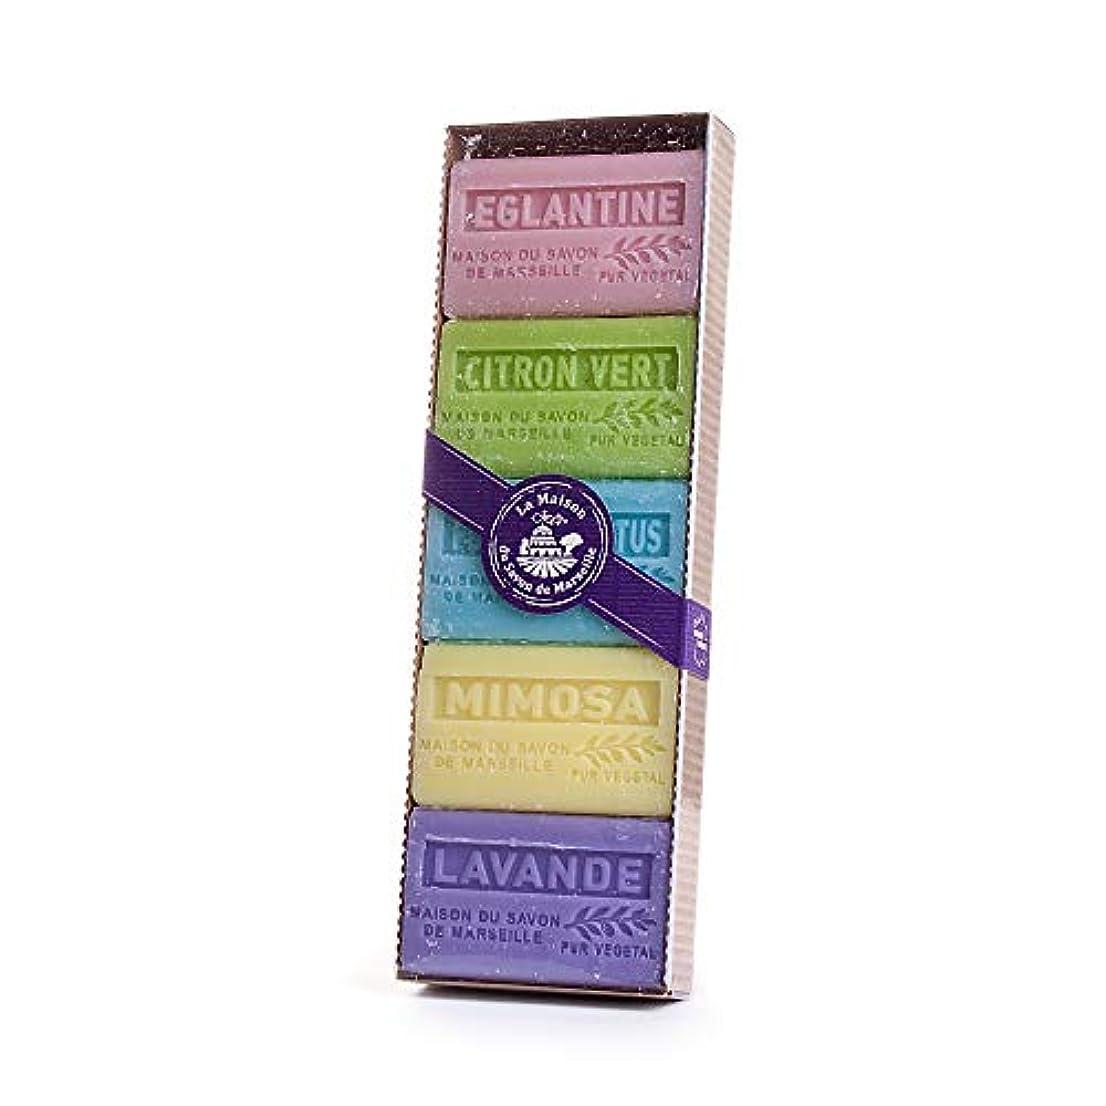 校長実用的ピースLa Maison du Savon de Marseille (ラ?メゾン?ド?サボン) 石鹸セット(5個入り) 60g